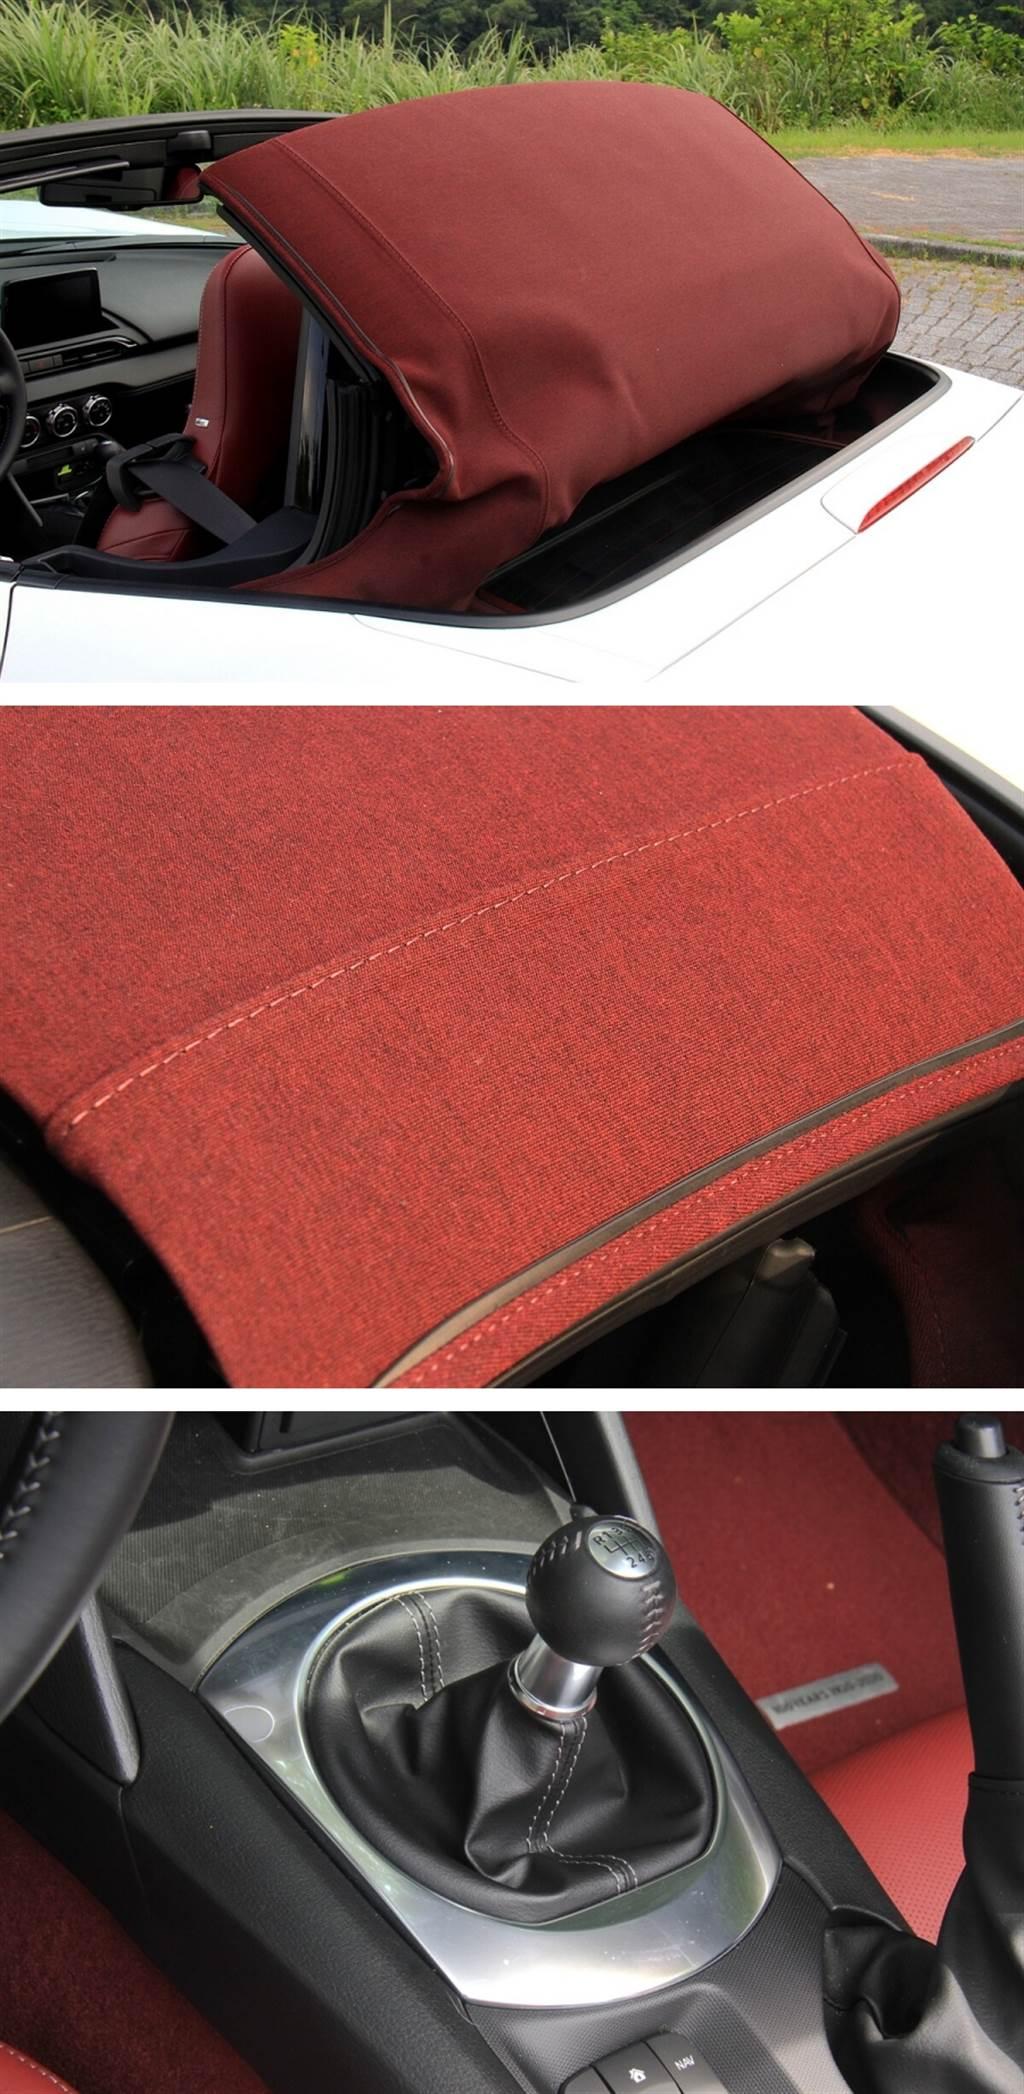 手排配上Mazda百週年紀念的MX-5 再也沒有比這更夢幻的組合了